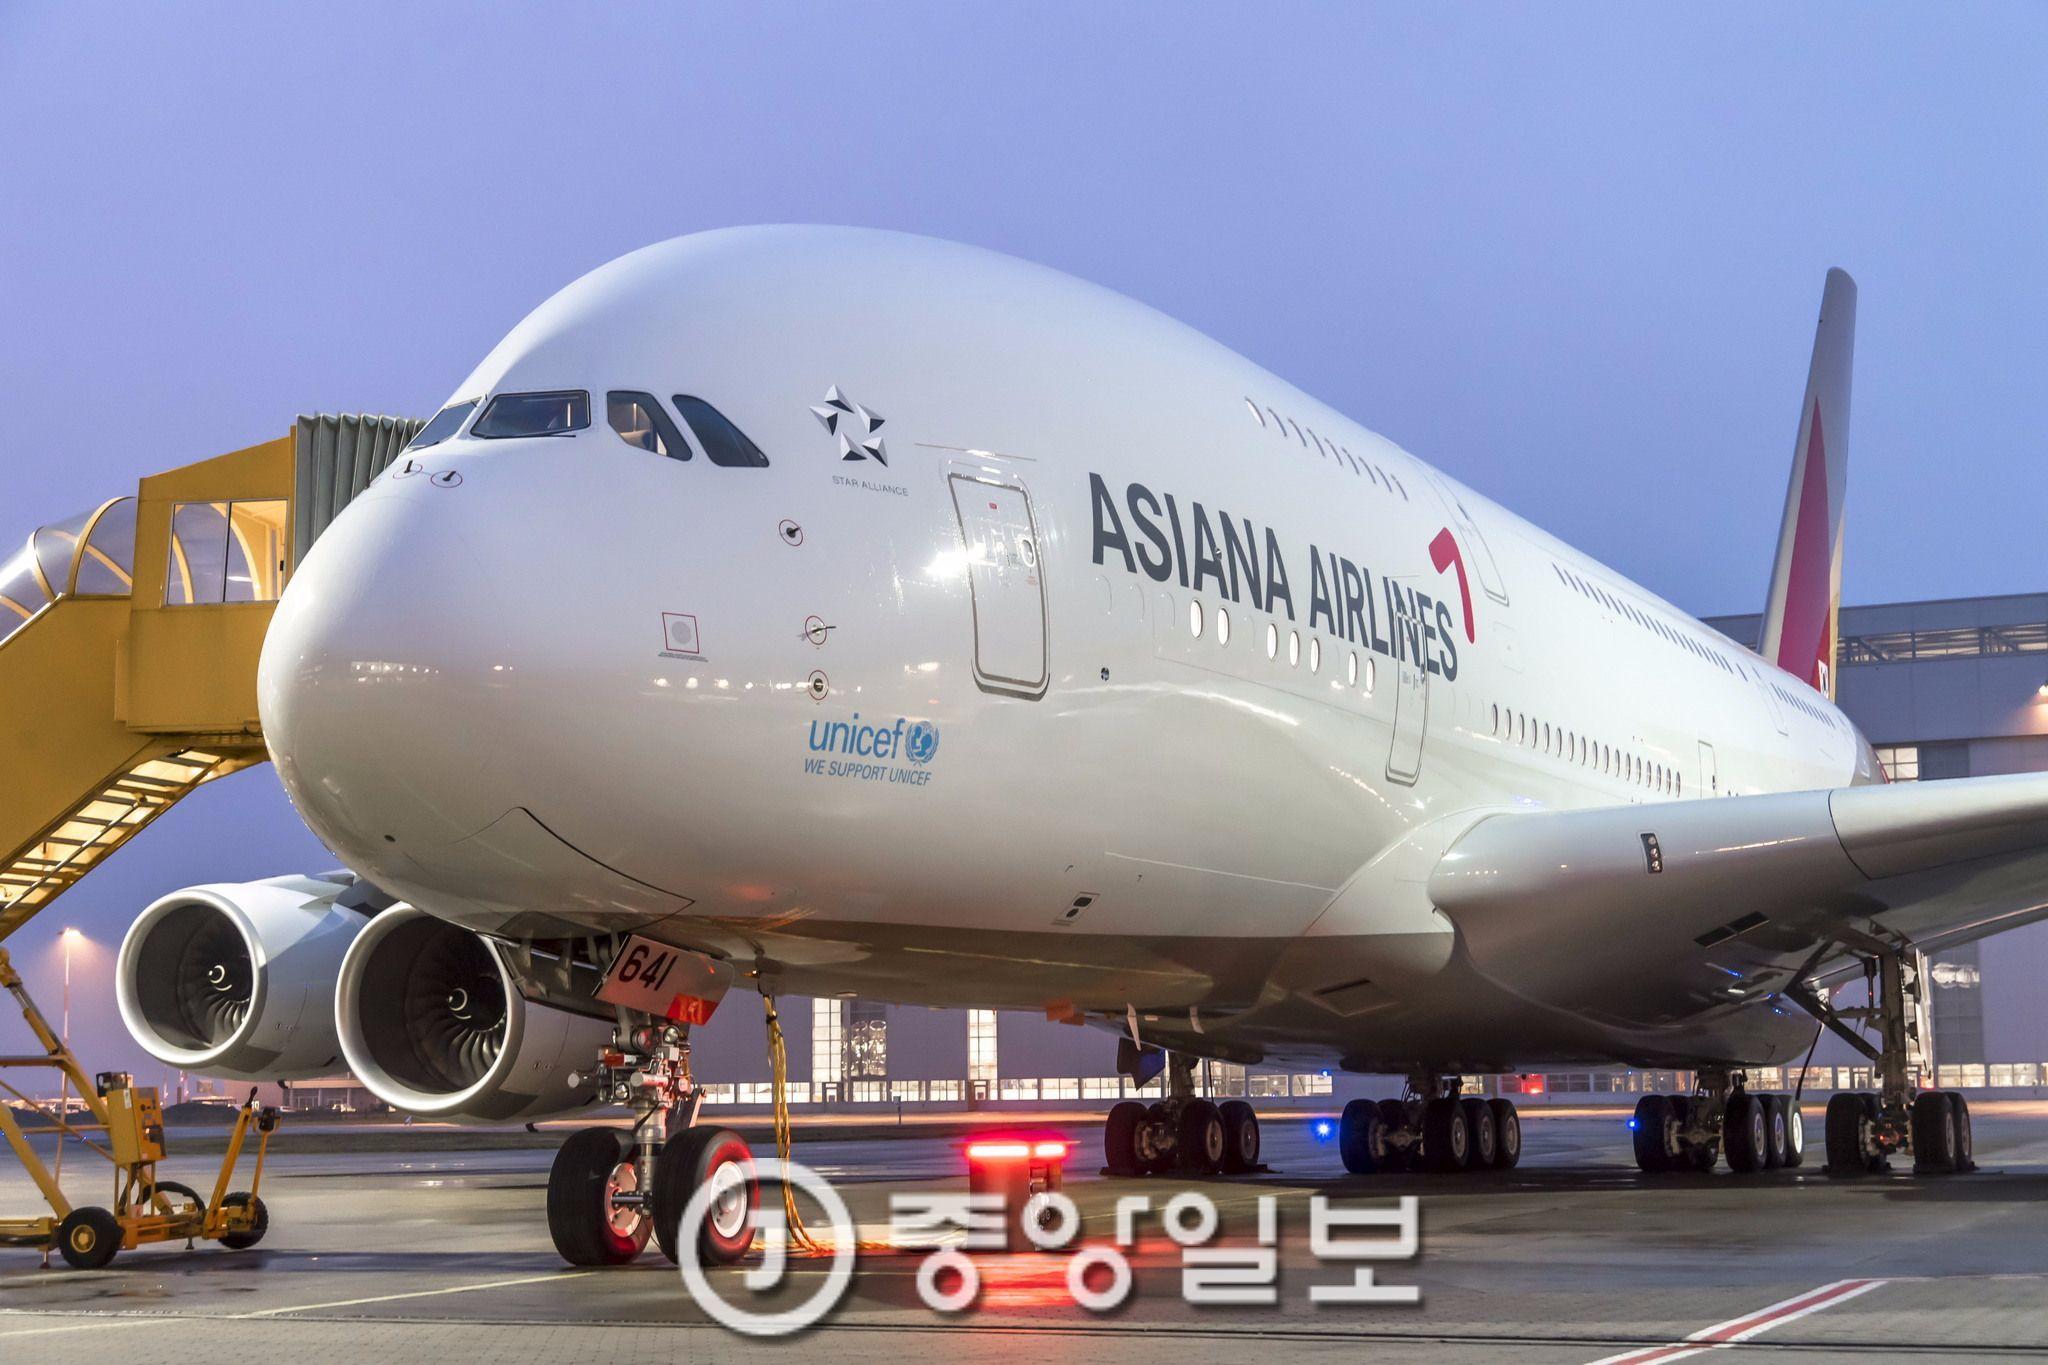 아시아나항공의A380 항공기. A380은 다른 비행기와 함께 있으면 동체가 고래처럼 커 보인다는 의미에서 '고래 제트기(whale jet)'로 불린다.  [사진 아시아나항공]